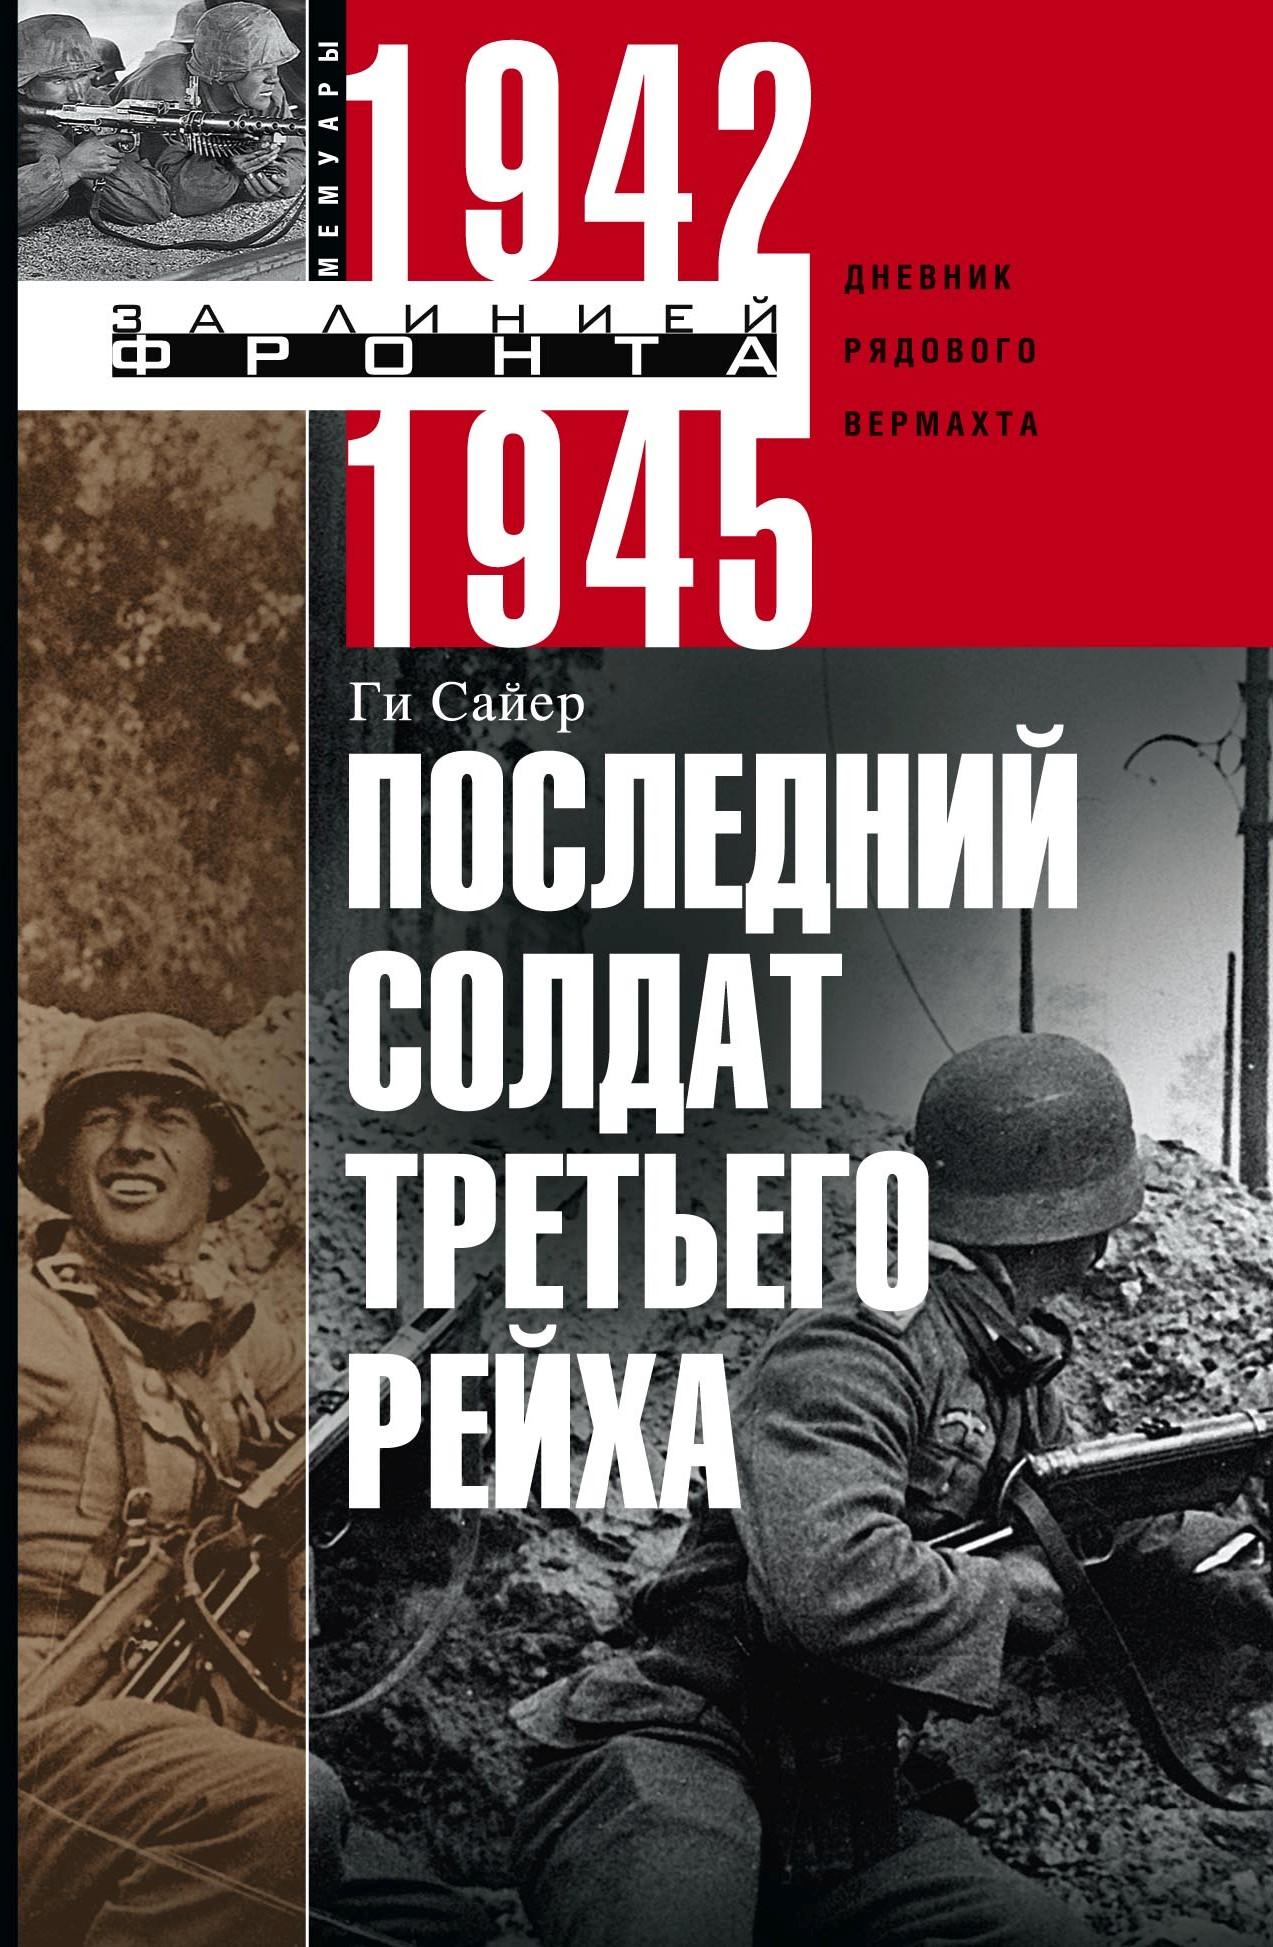 Ги Сайер Последний солдат Третьего рейха. Дневник рядового вермахта. 1942-1945